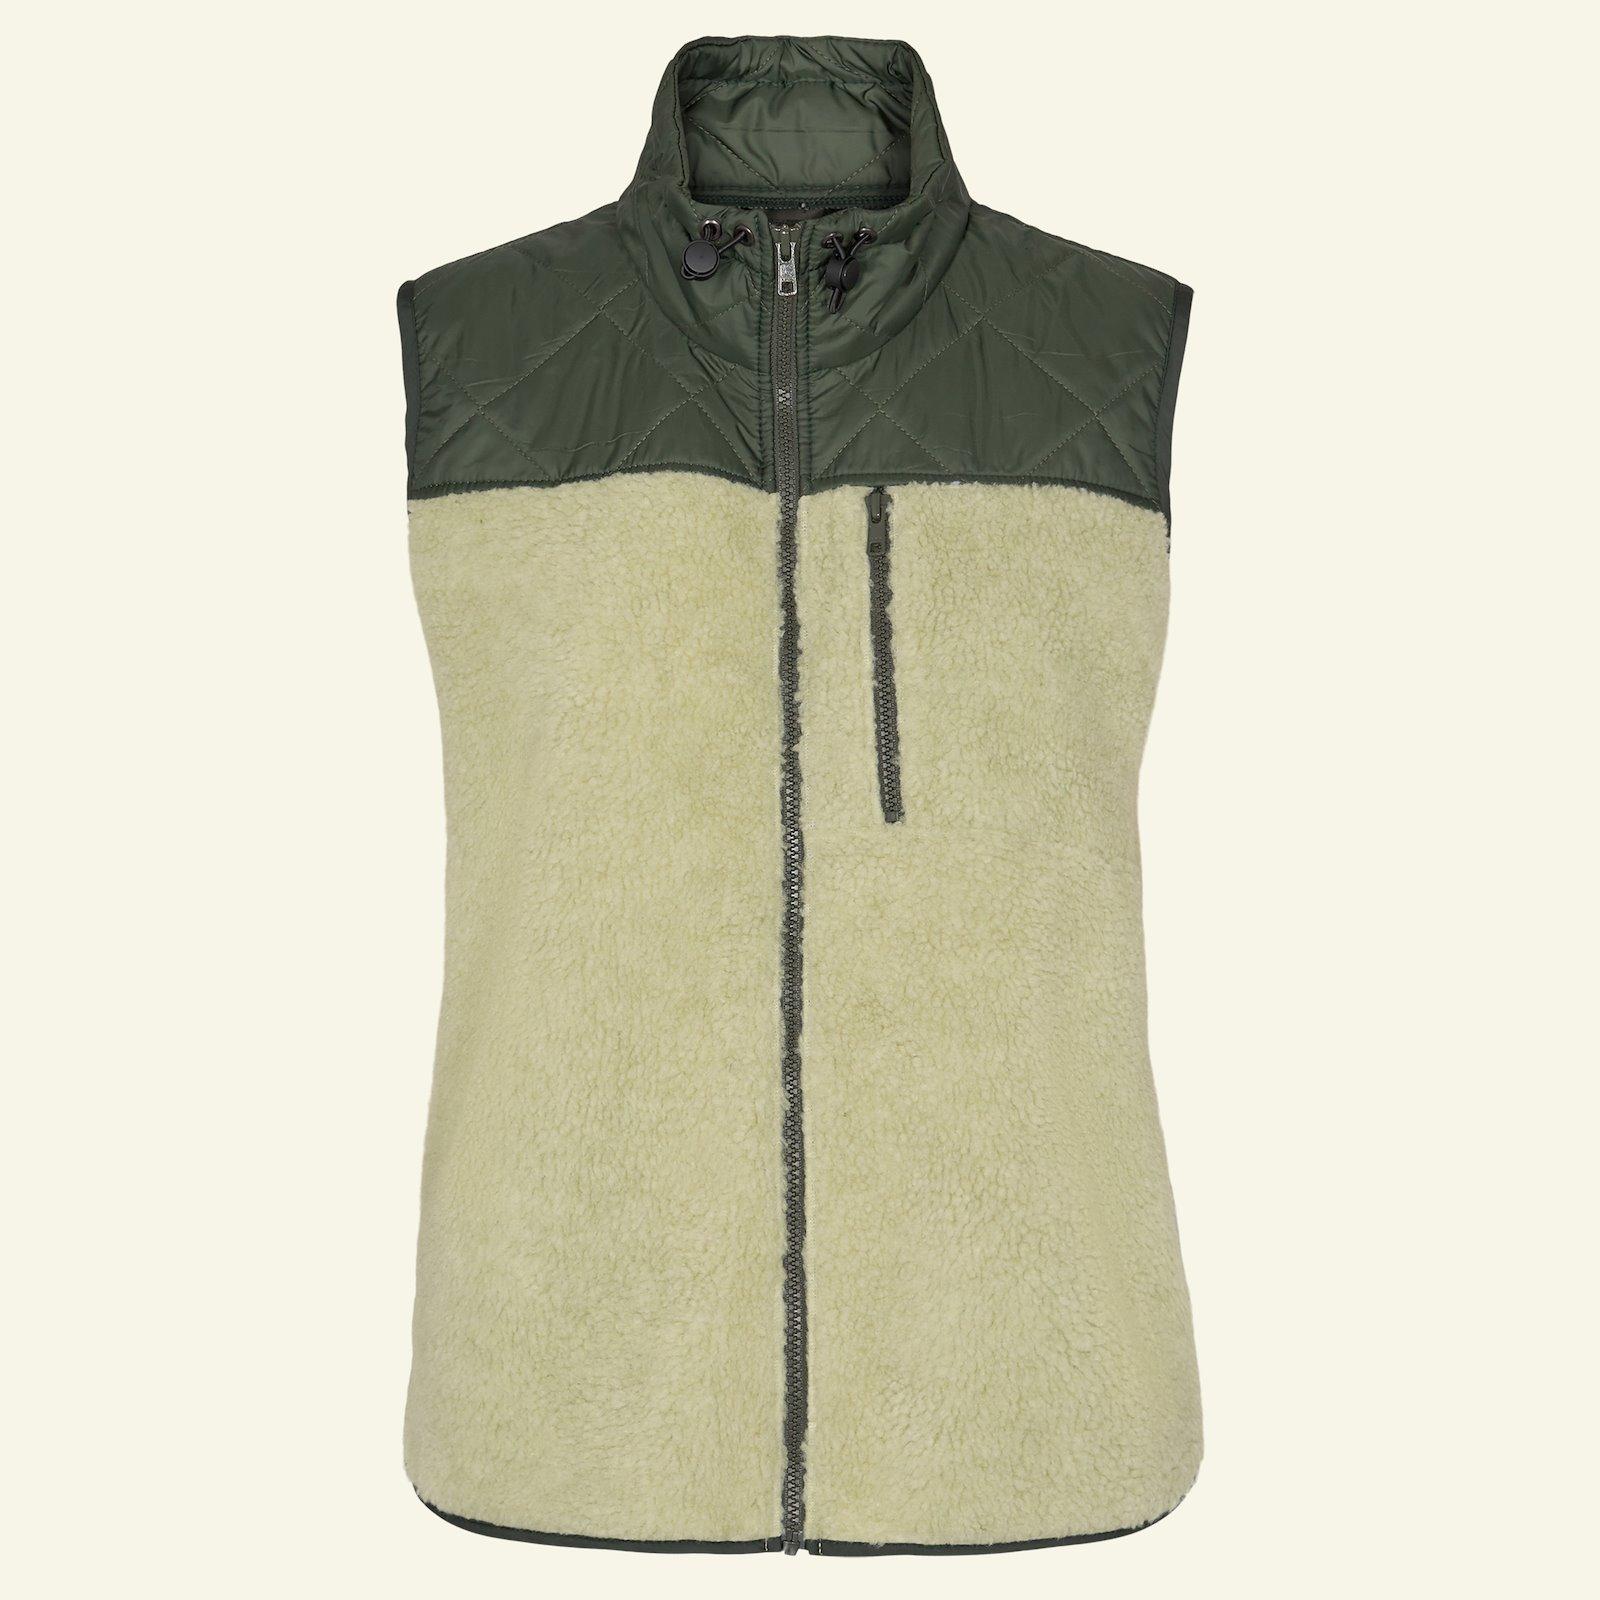 Jacket and waistcoat p24049_910282_920206_sskit